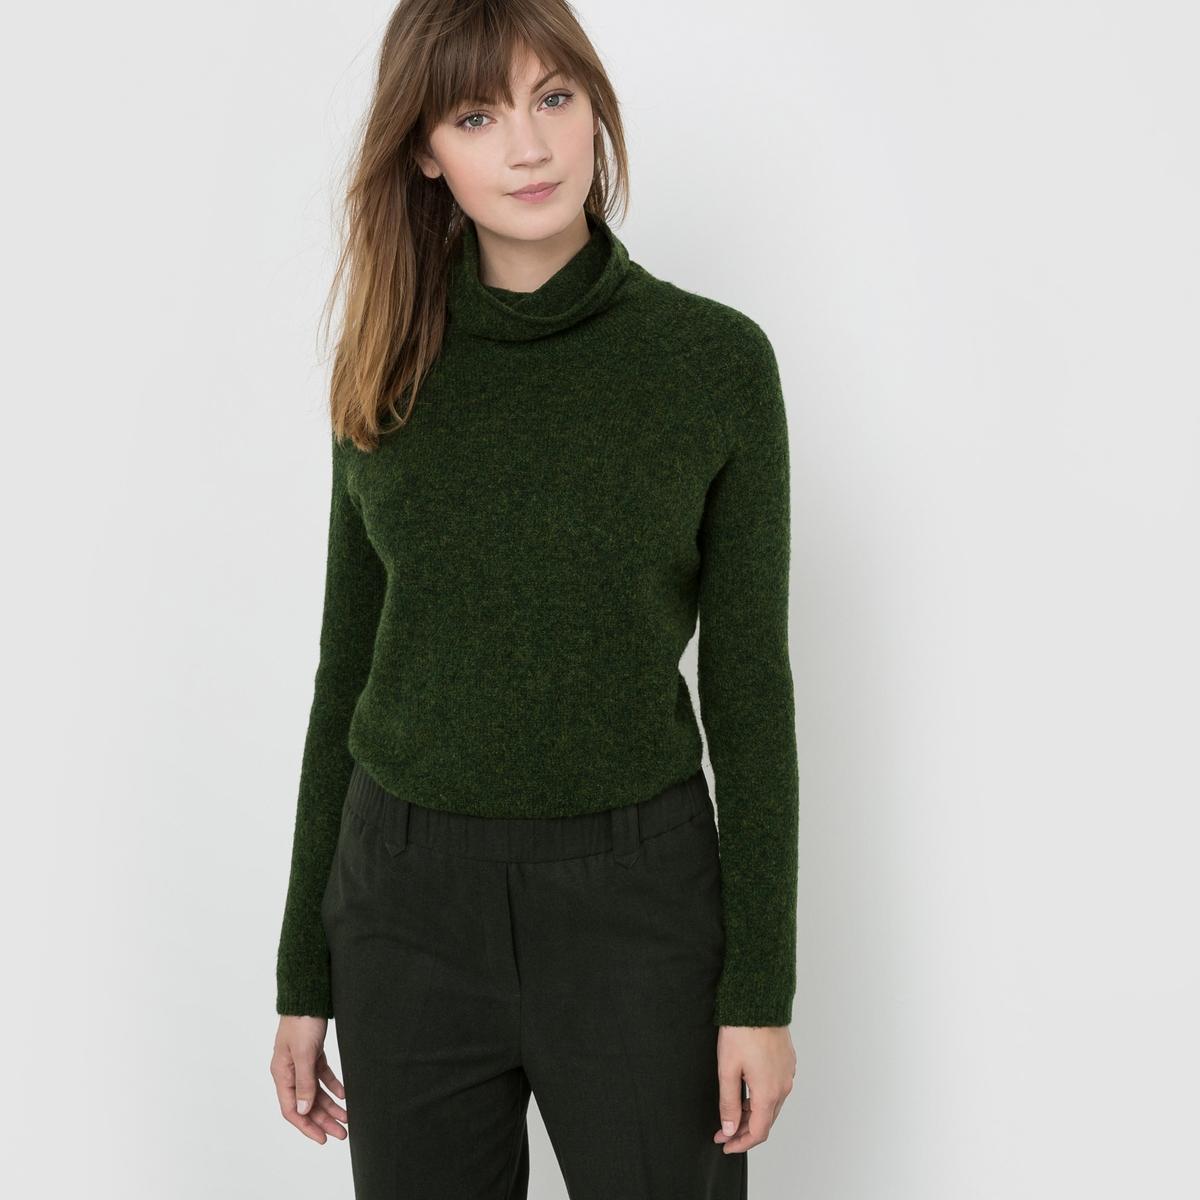 Пуловер с высоким воротникомСостав и описание : Материал : 62% акрила, 28% полиамида, 8% шерсти, 2% эластана.Длина : 60 смМарка : R studio.Уход :Машинная стирка при 30 °C с вещами схожих цветовСушить на горизонтальной поверхности в расправленном состоянии<br><br>Цвет: зеленый мох<br>Размер: 42/44 (FR) - 48/50 (RUS)